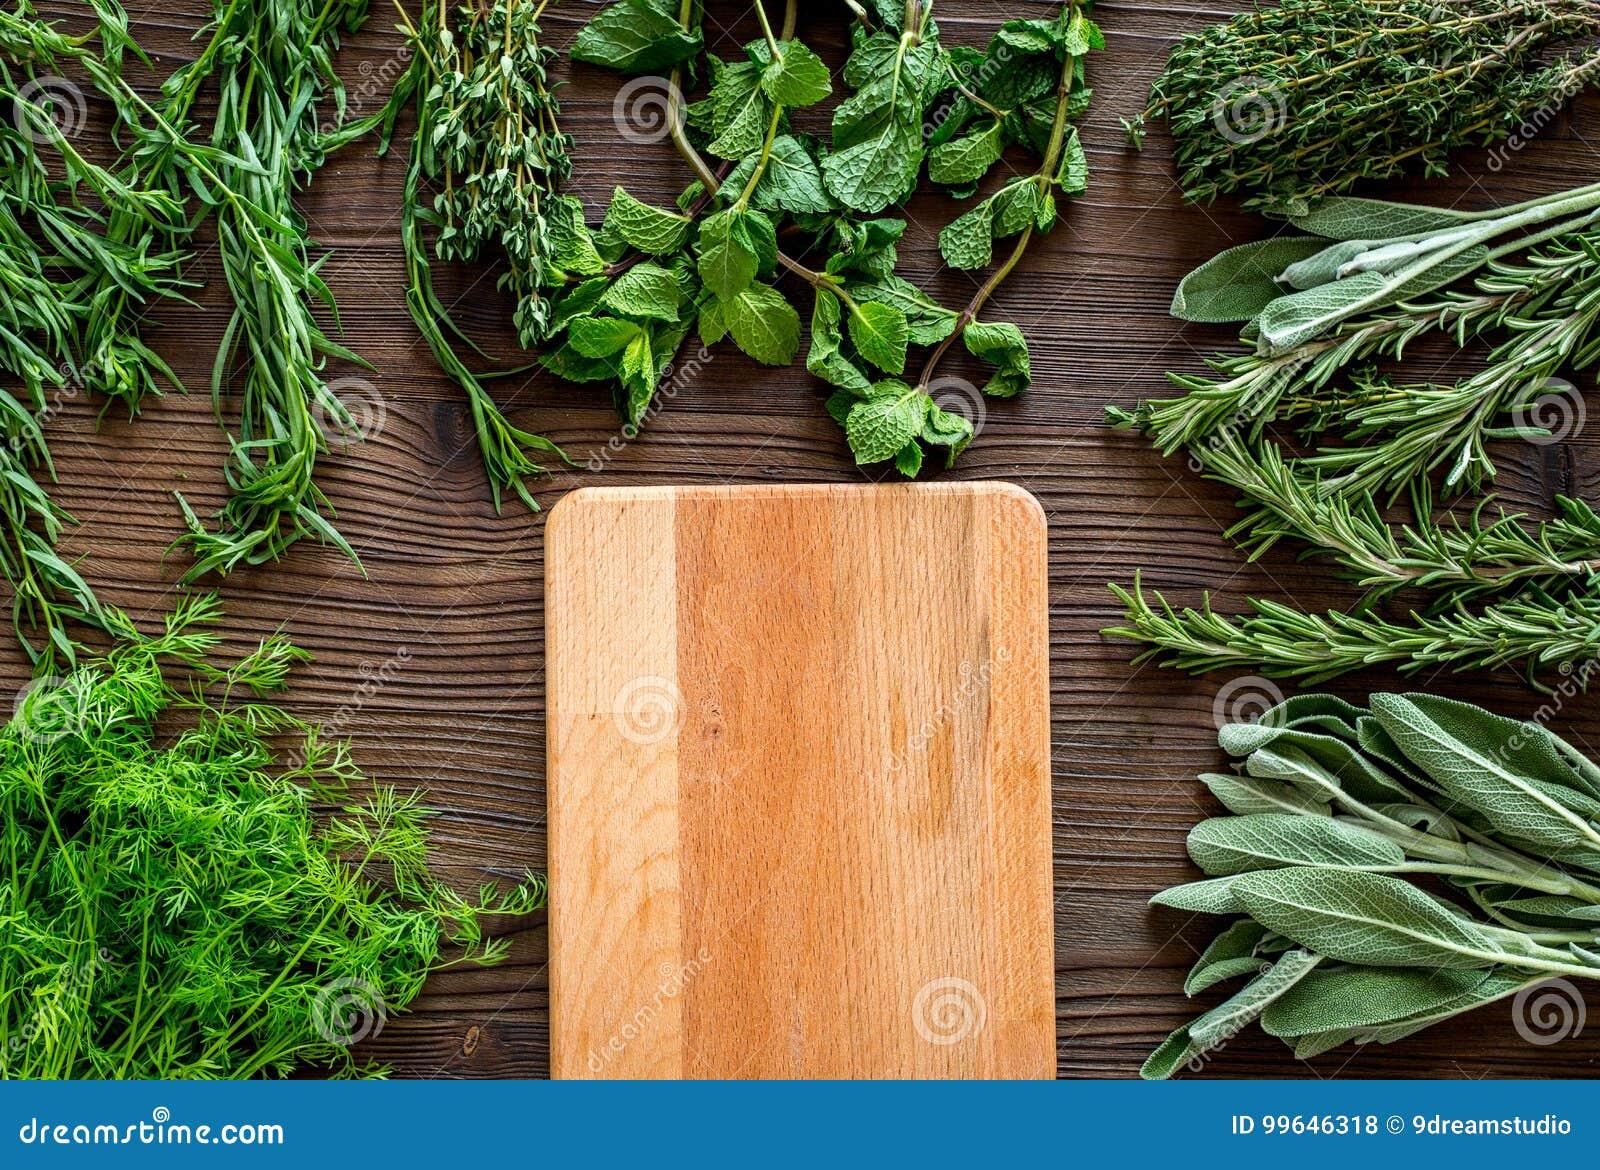 La configuration plate avec les herbes et la verdure fraîches pour sécher et faire des épices a placé sur la maquette en bois de